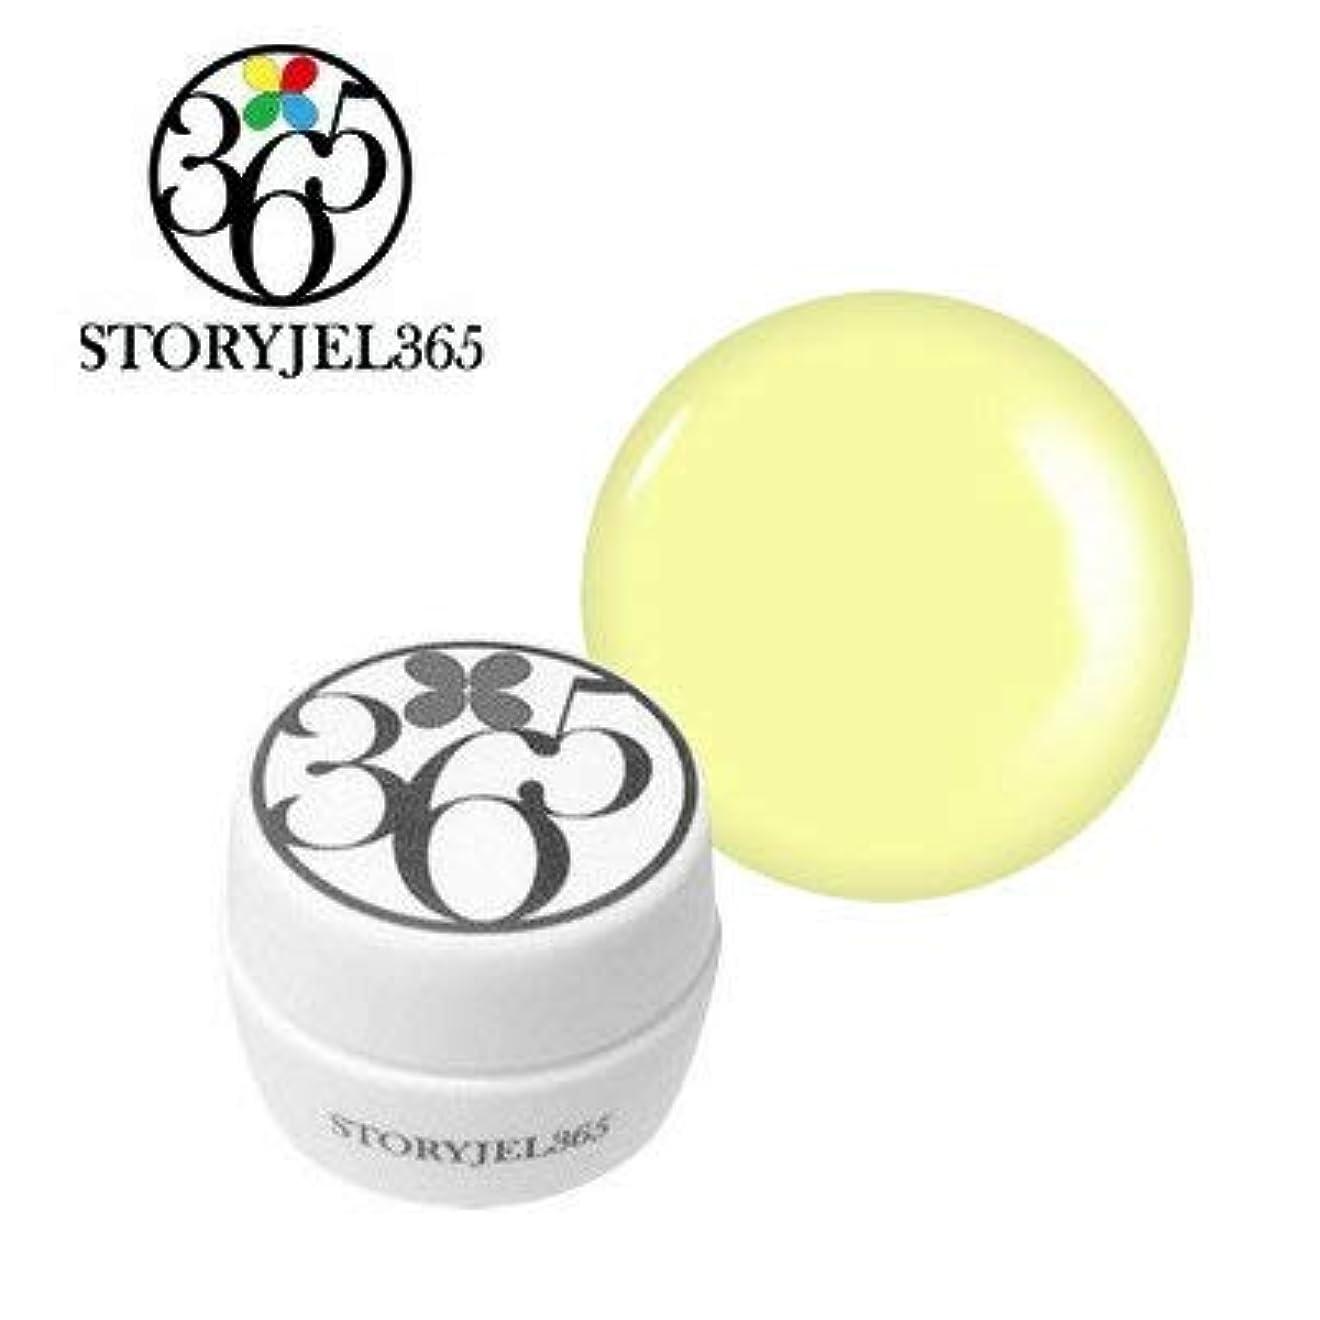 梨帳面予測子STORYJEL365 カラージェル 5g (ストーリージェル) SJS-303M-D シトロンクリーム